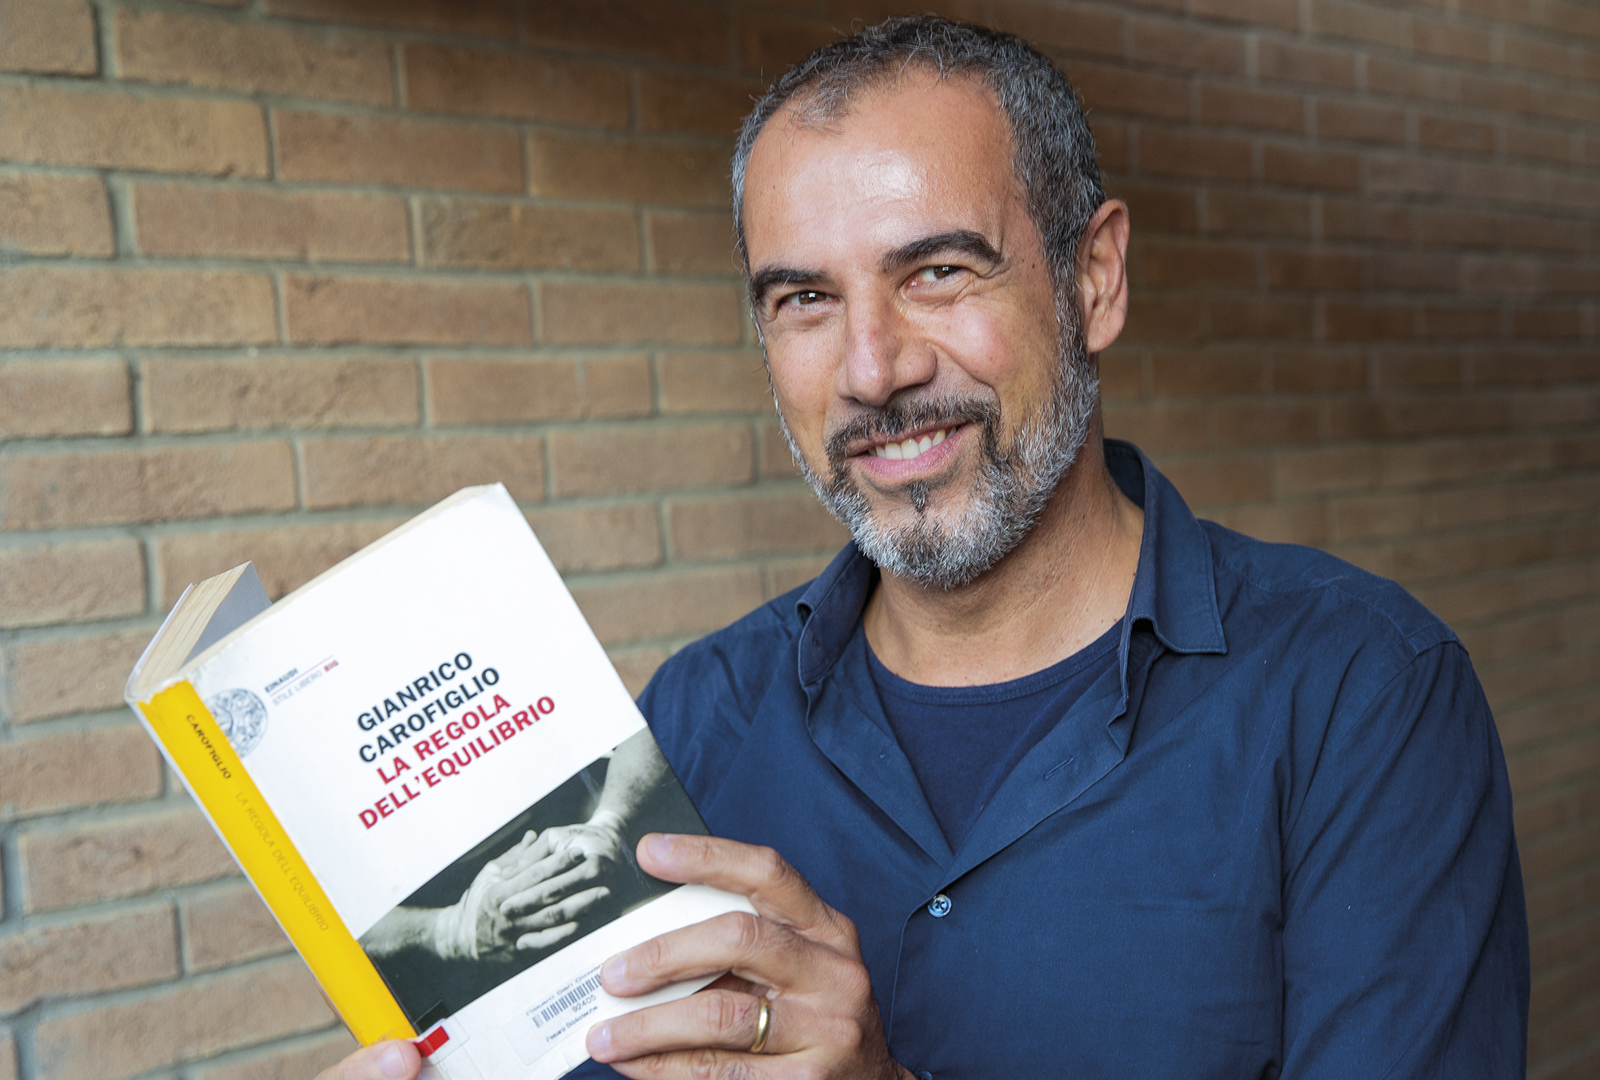 Enrico Fossa